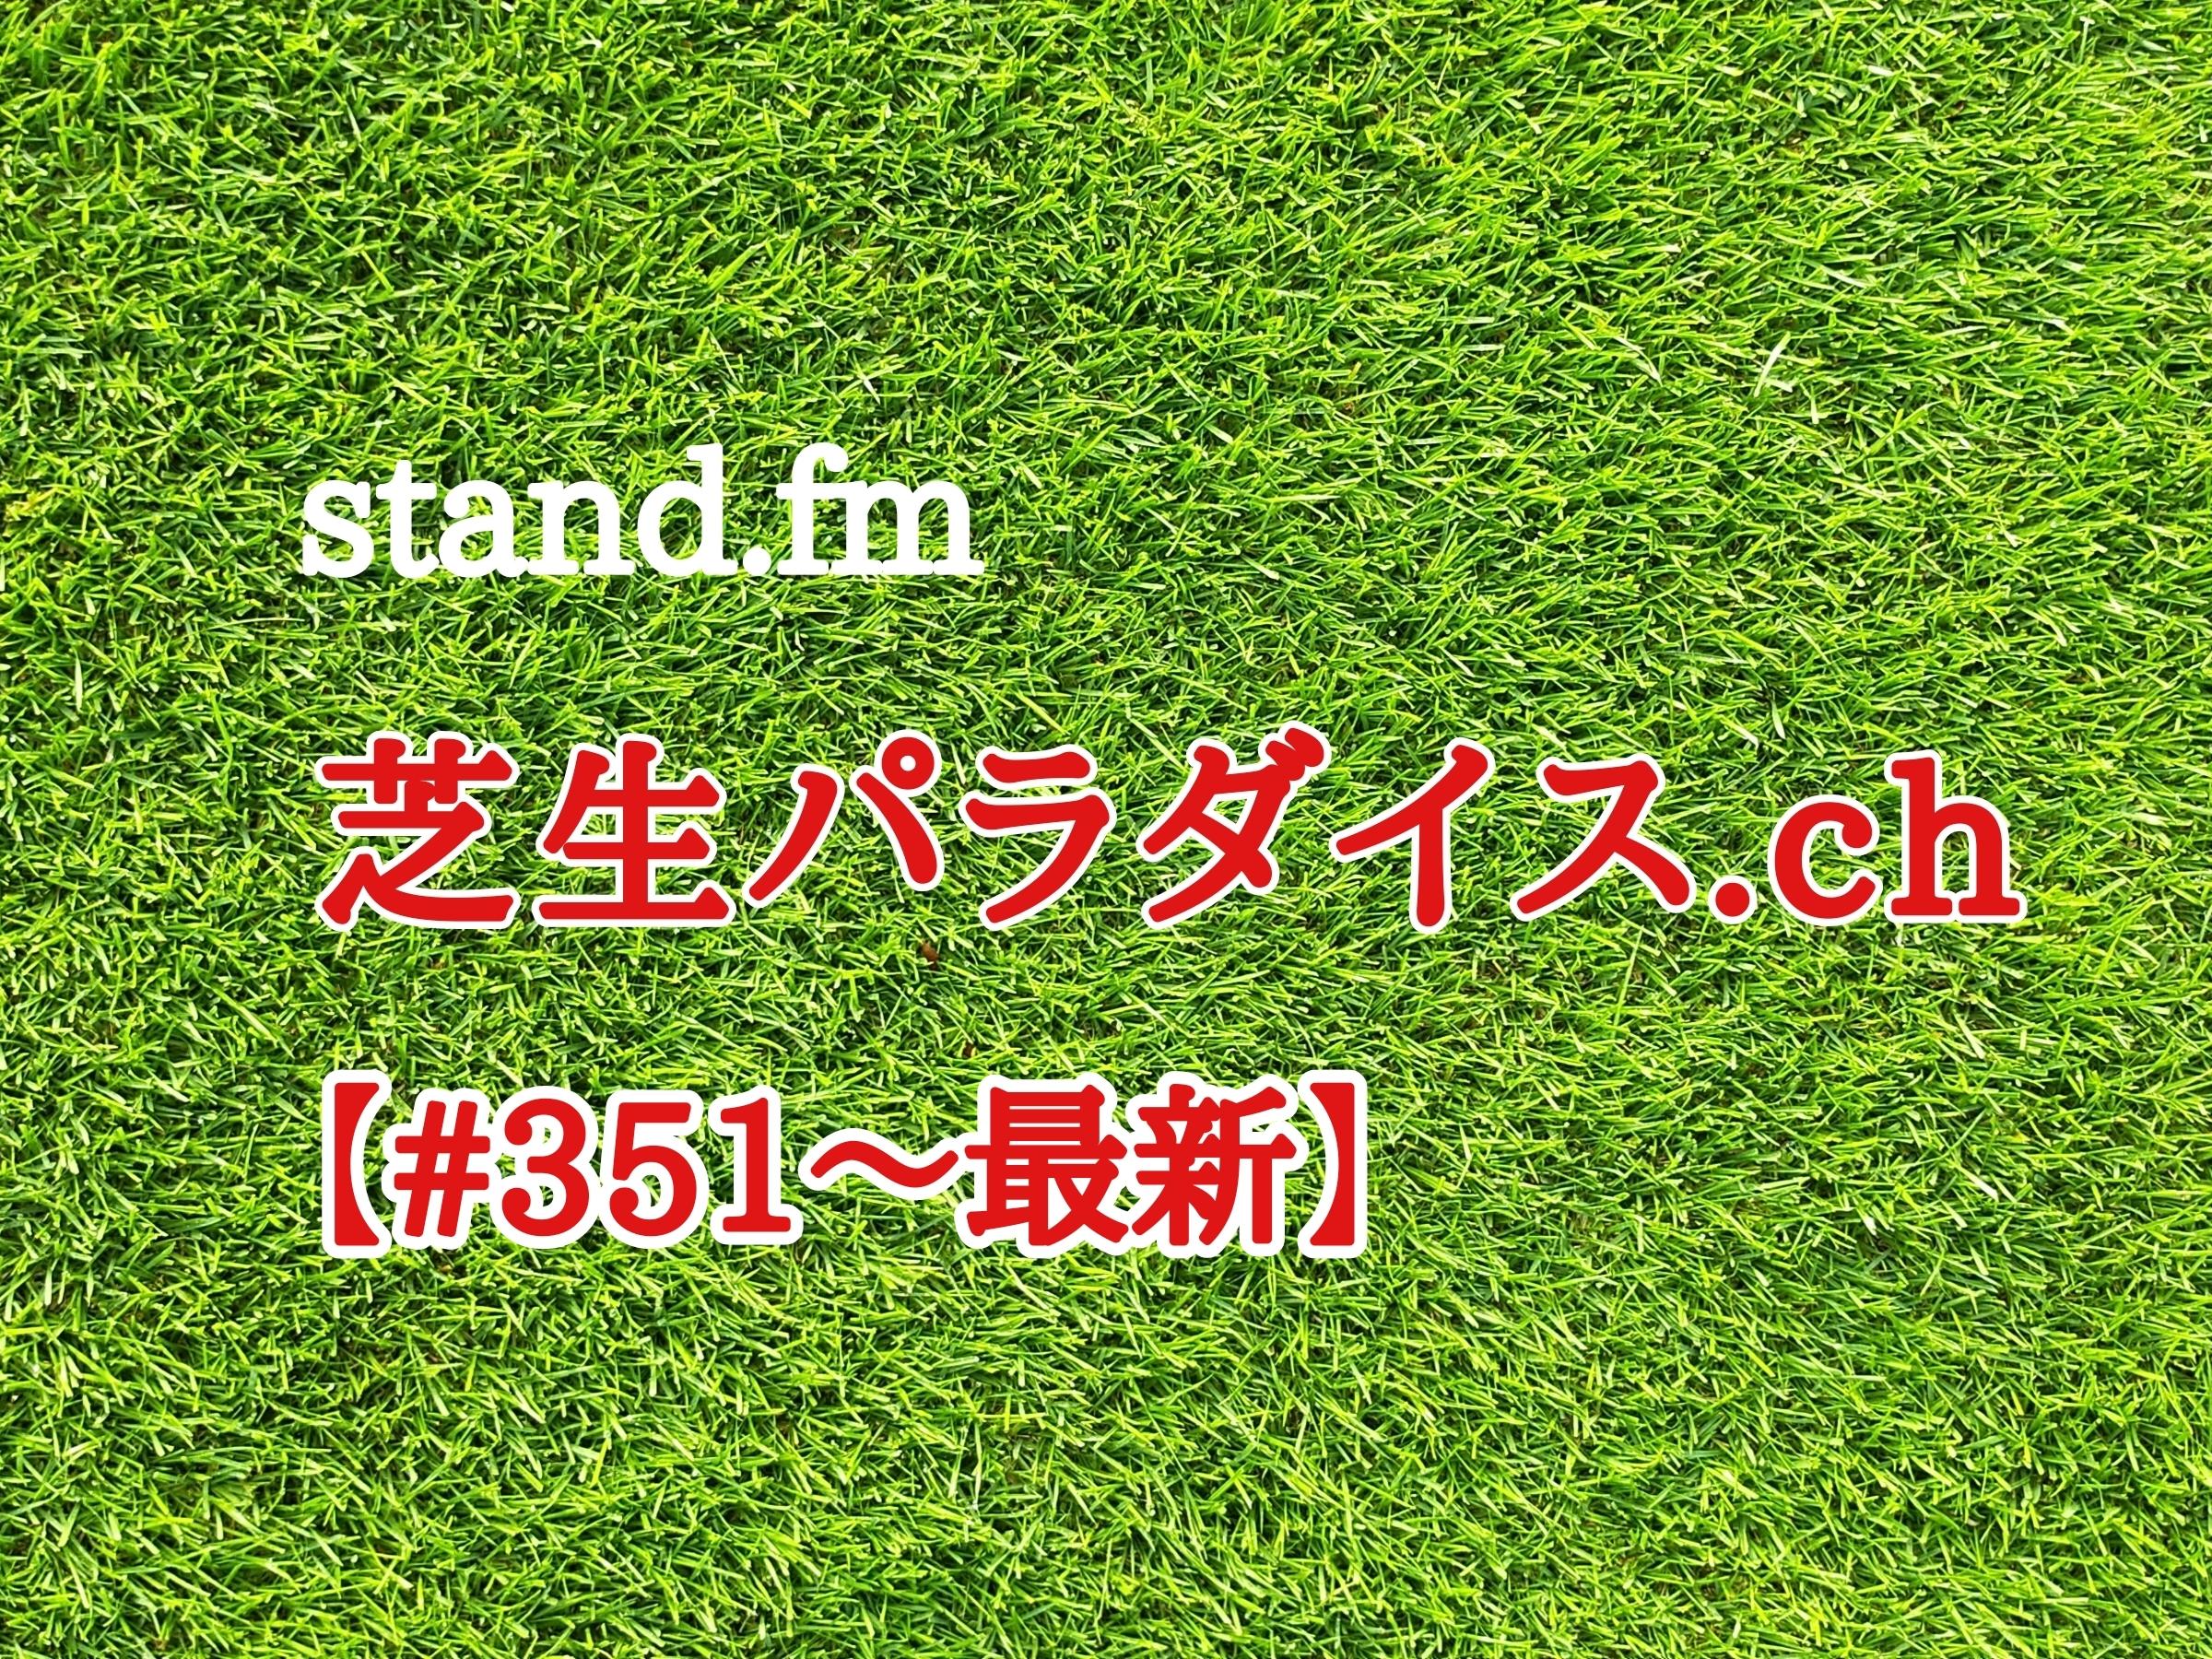 【#351〜最新】stand.fm 🍀芝生パラダイス・チャンネル📻皆さん聴いてね😄💕